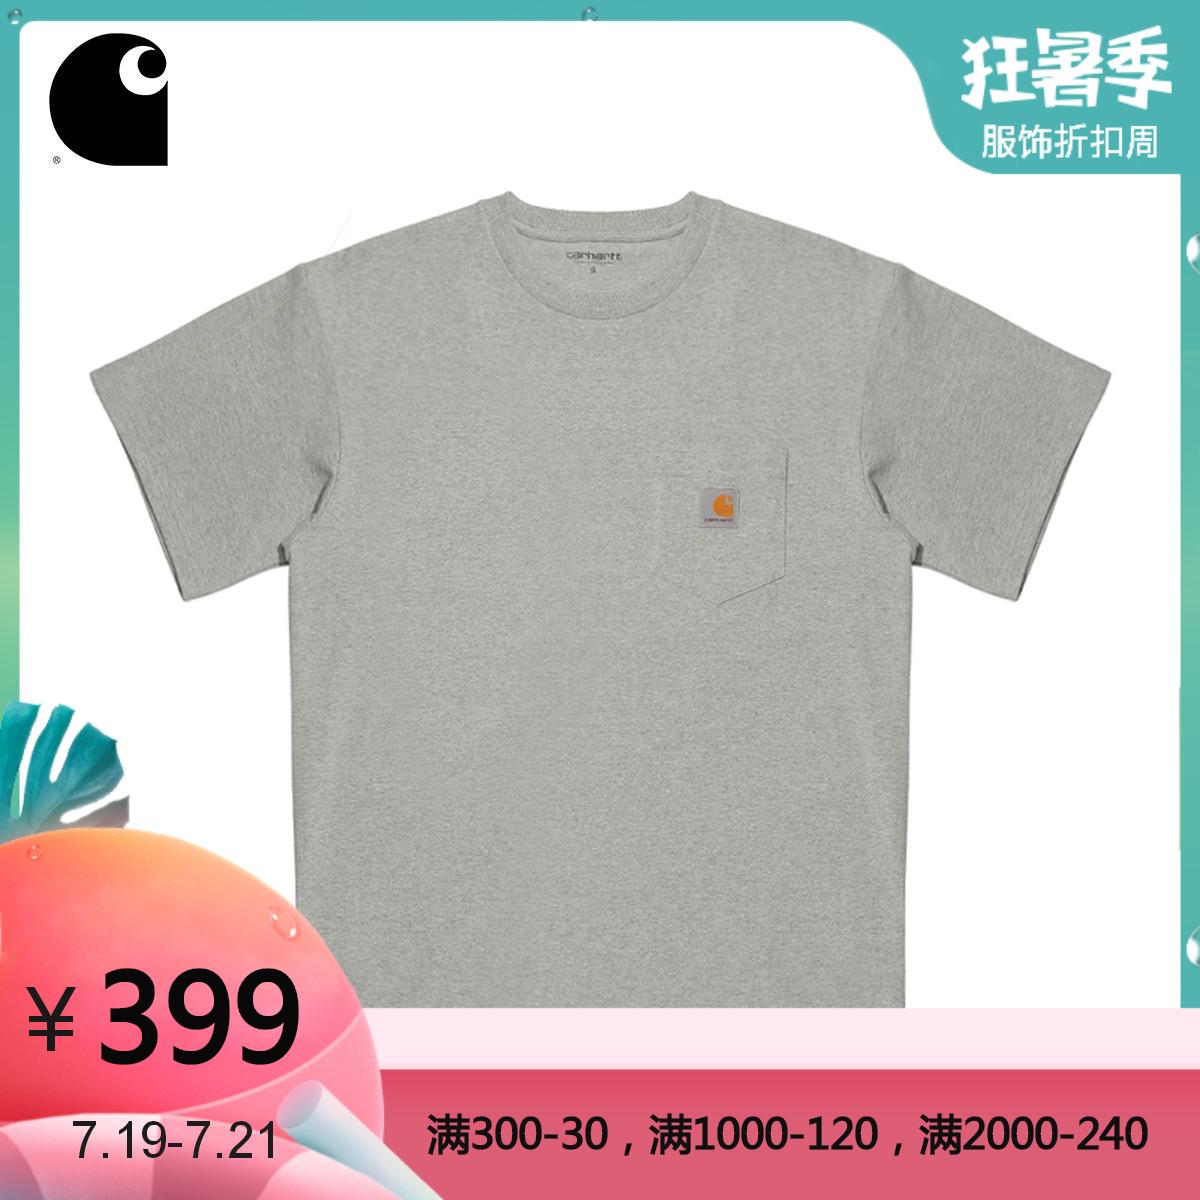 Carhartt WIP工装潮牌2019宽松短袖T恤HA171068